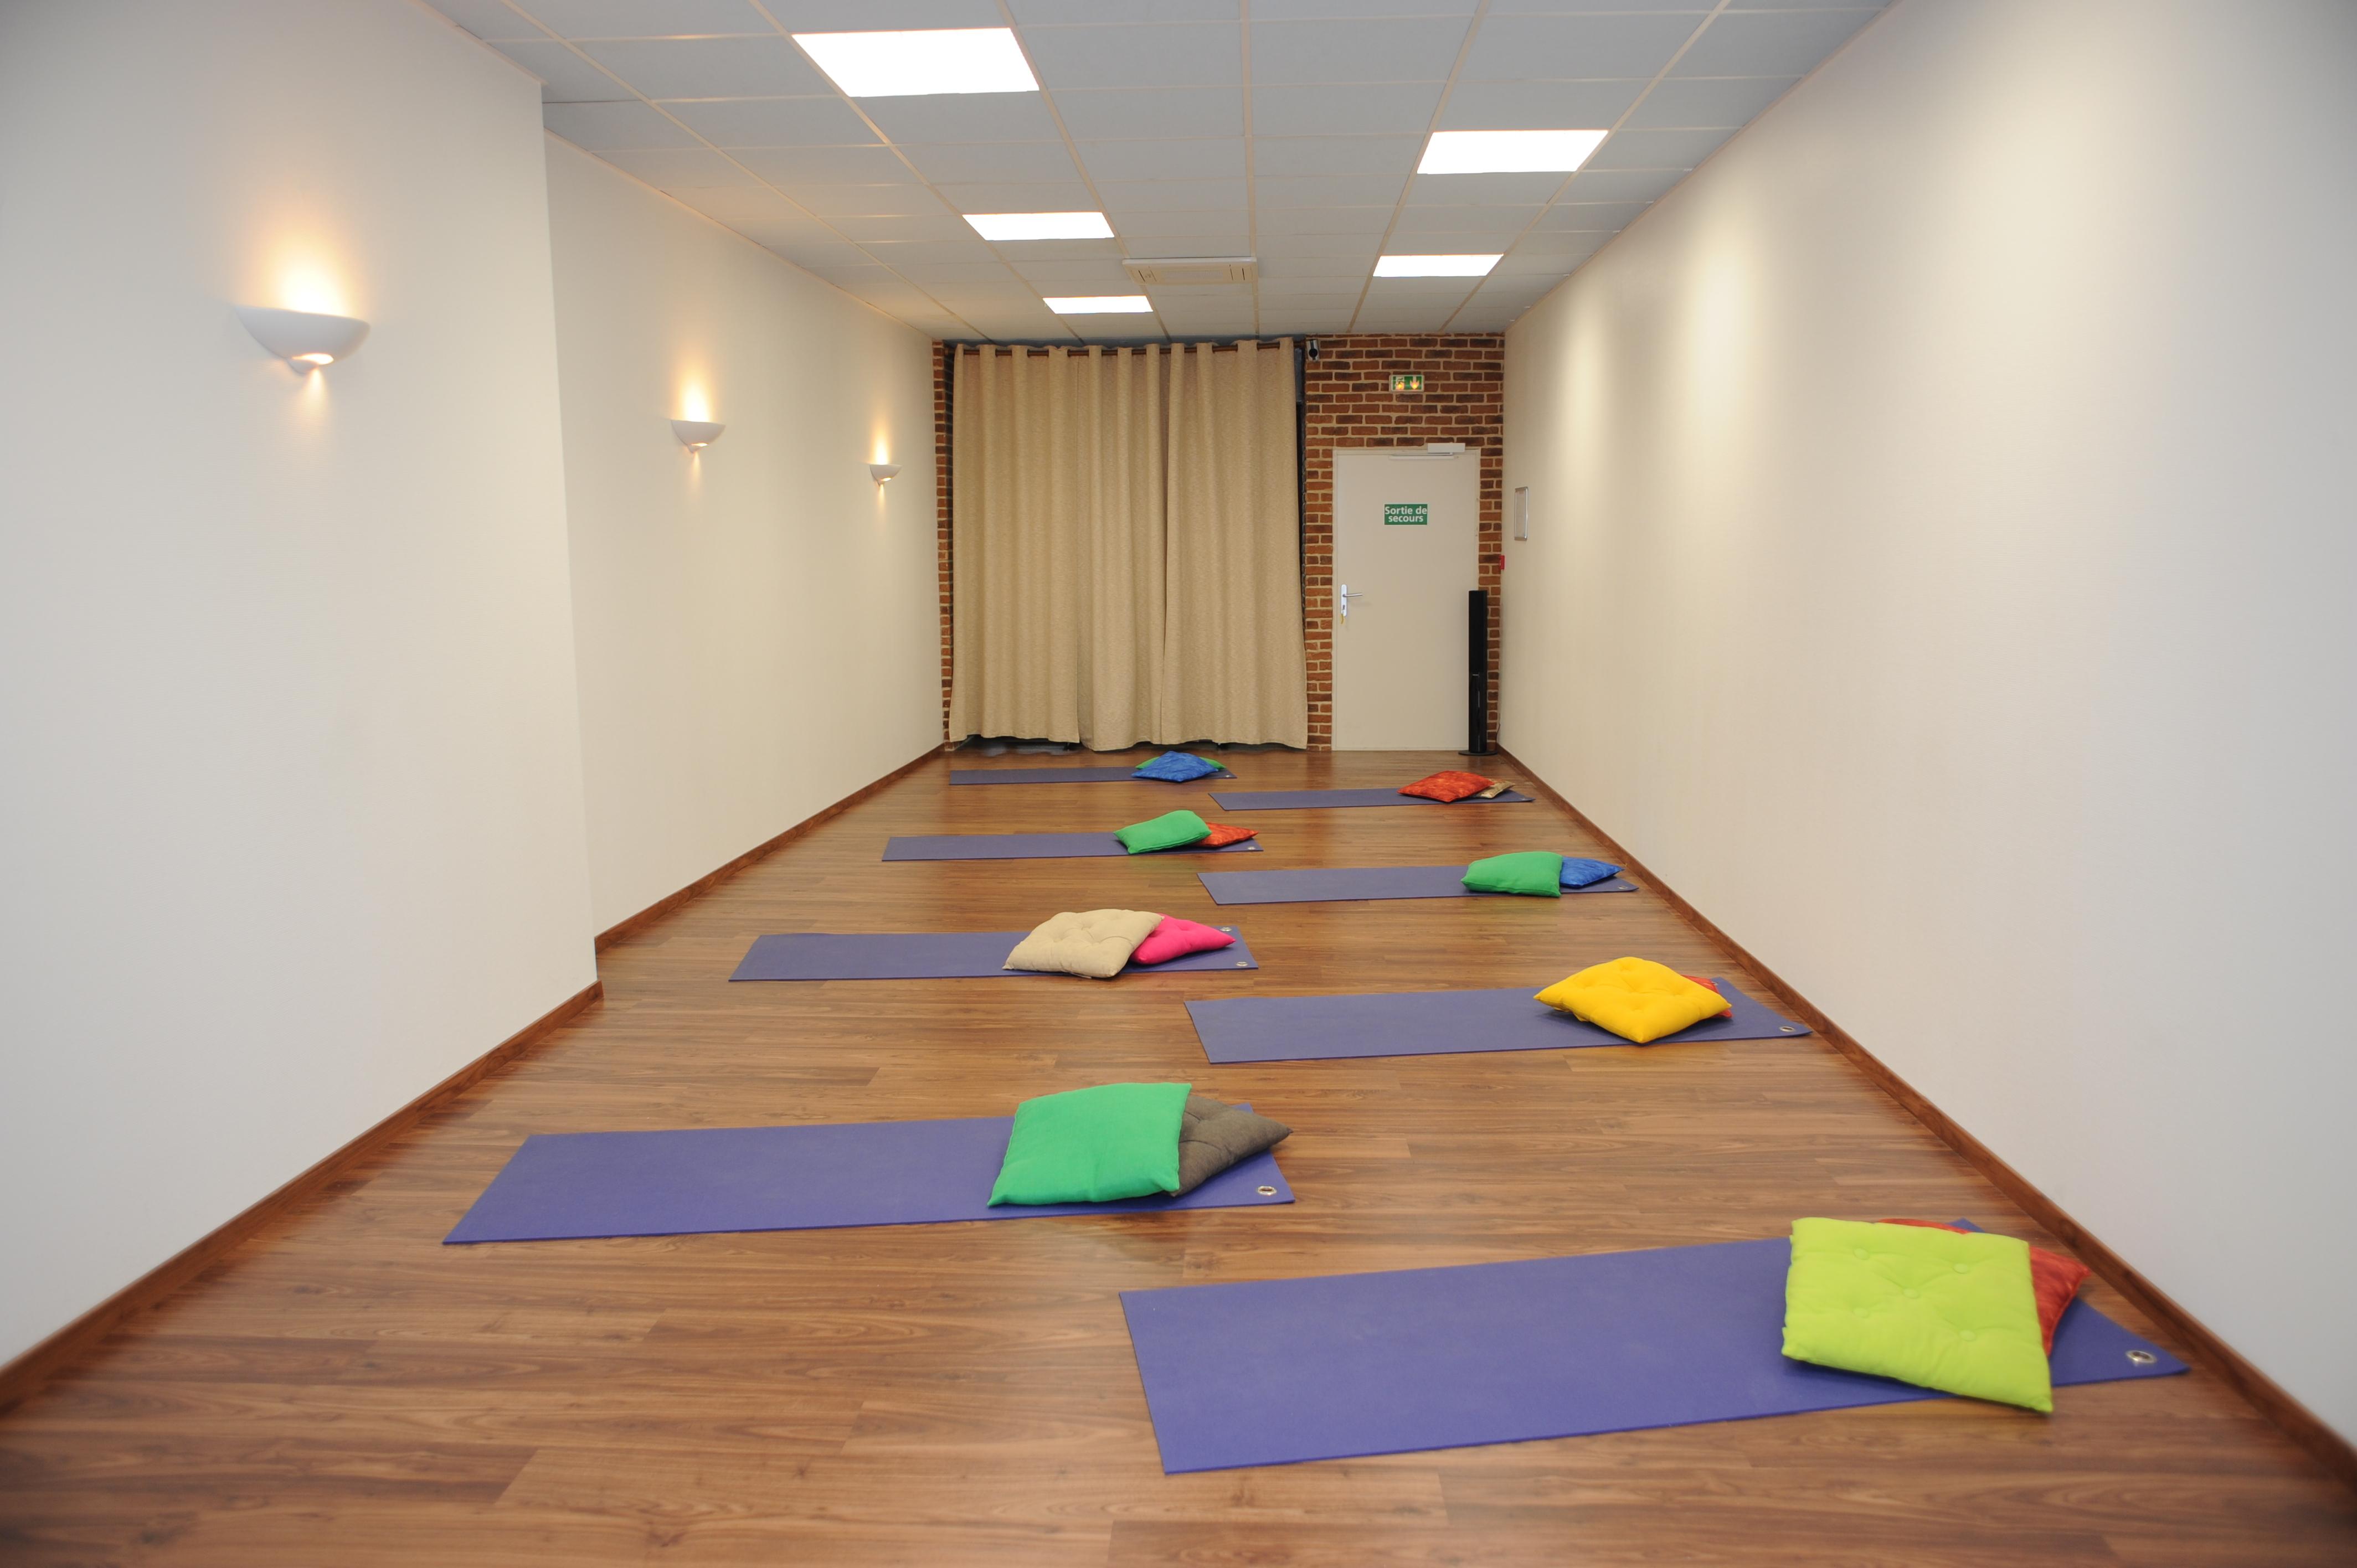 Location d une salle de yoga relaxation m ditation for Salle de relaxation